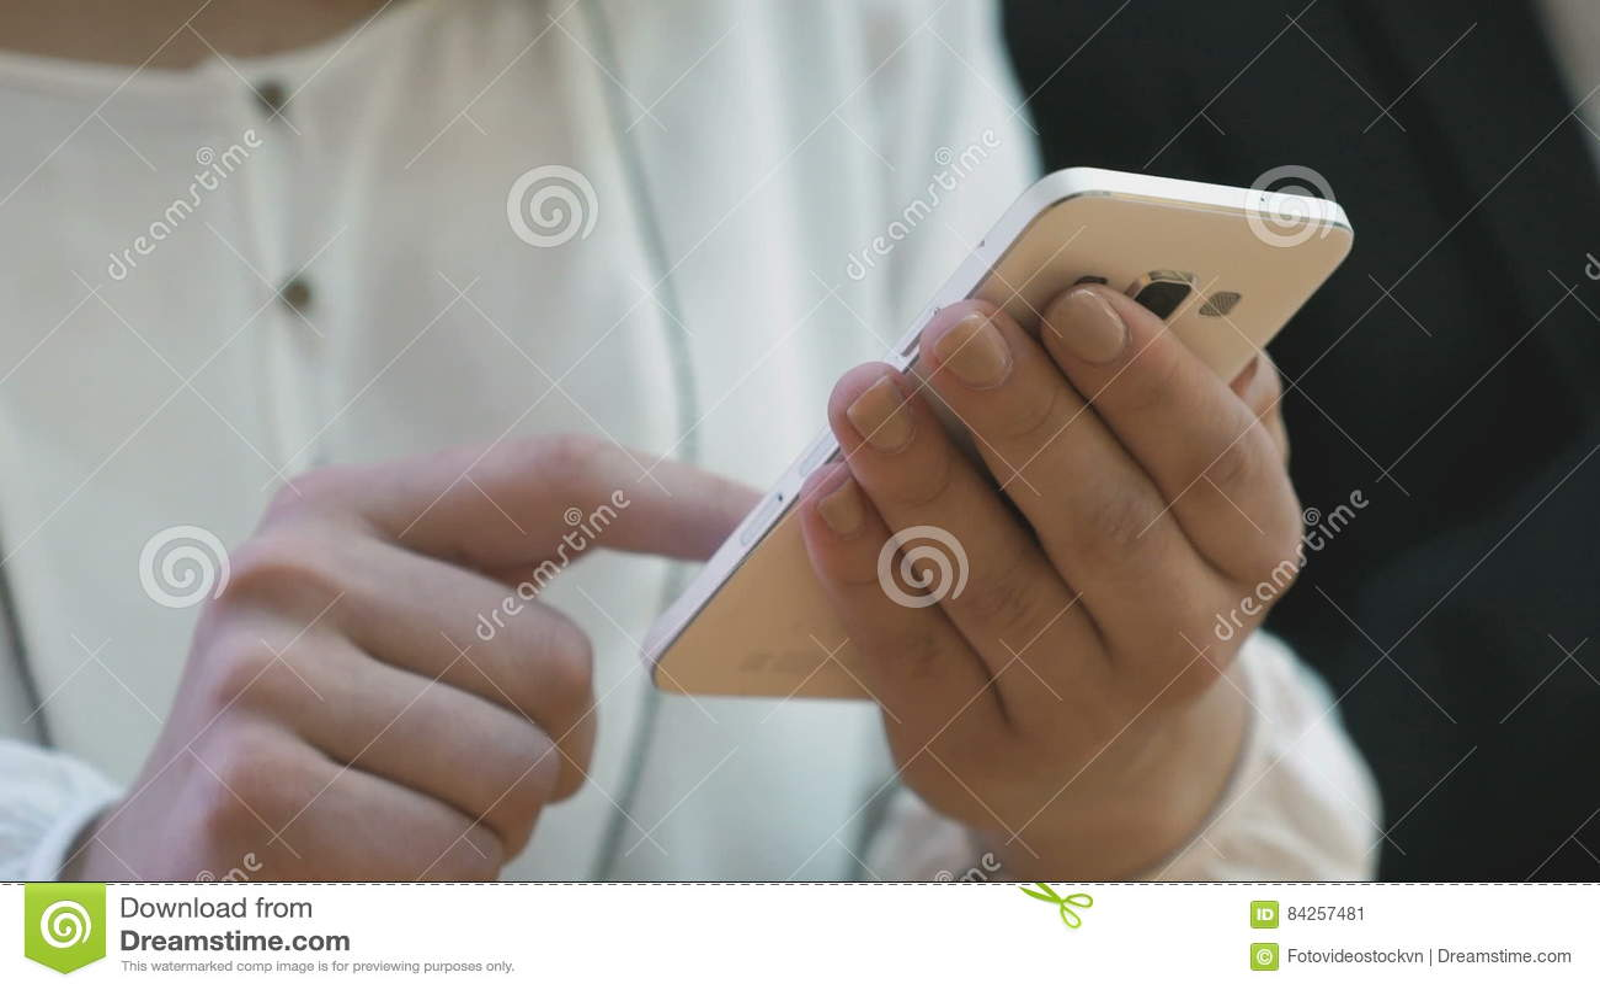 Осматривают девушек фото